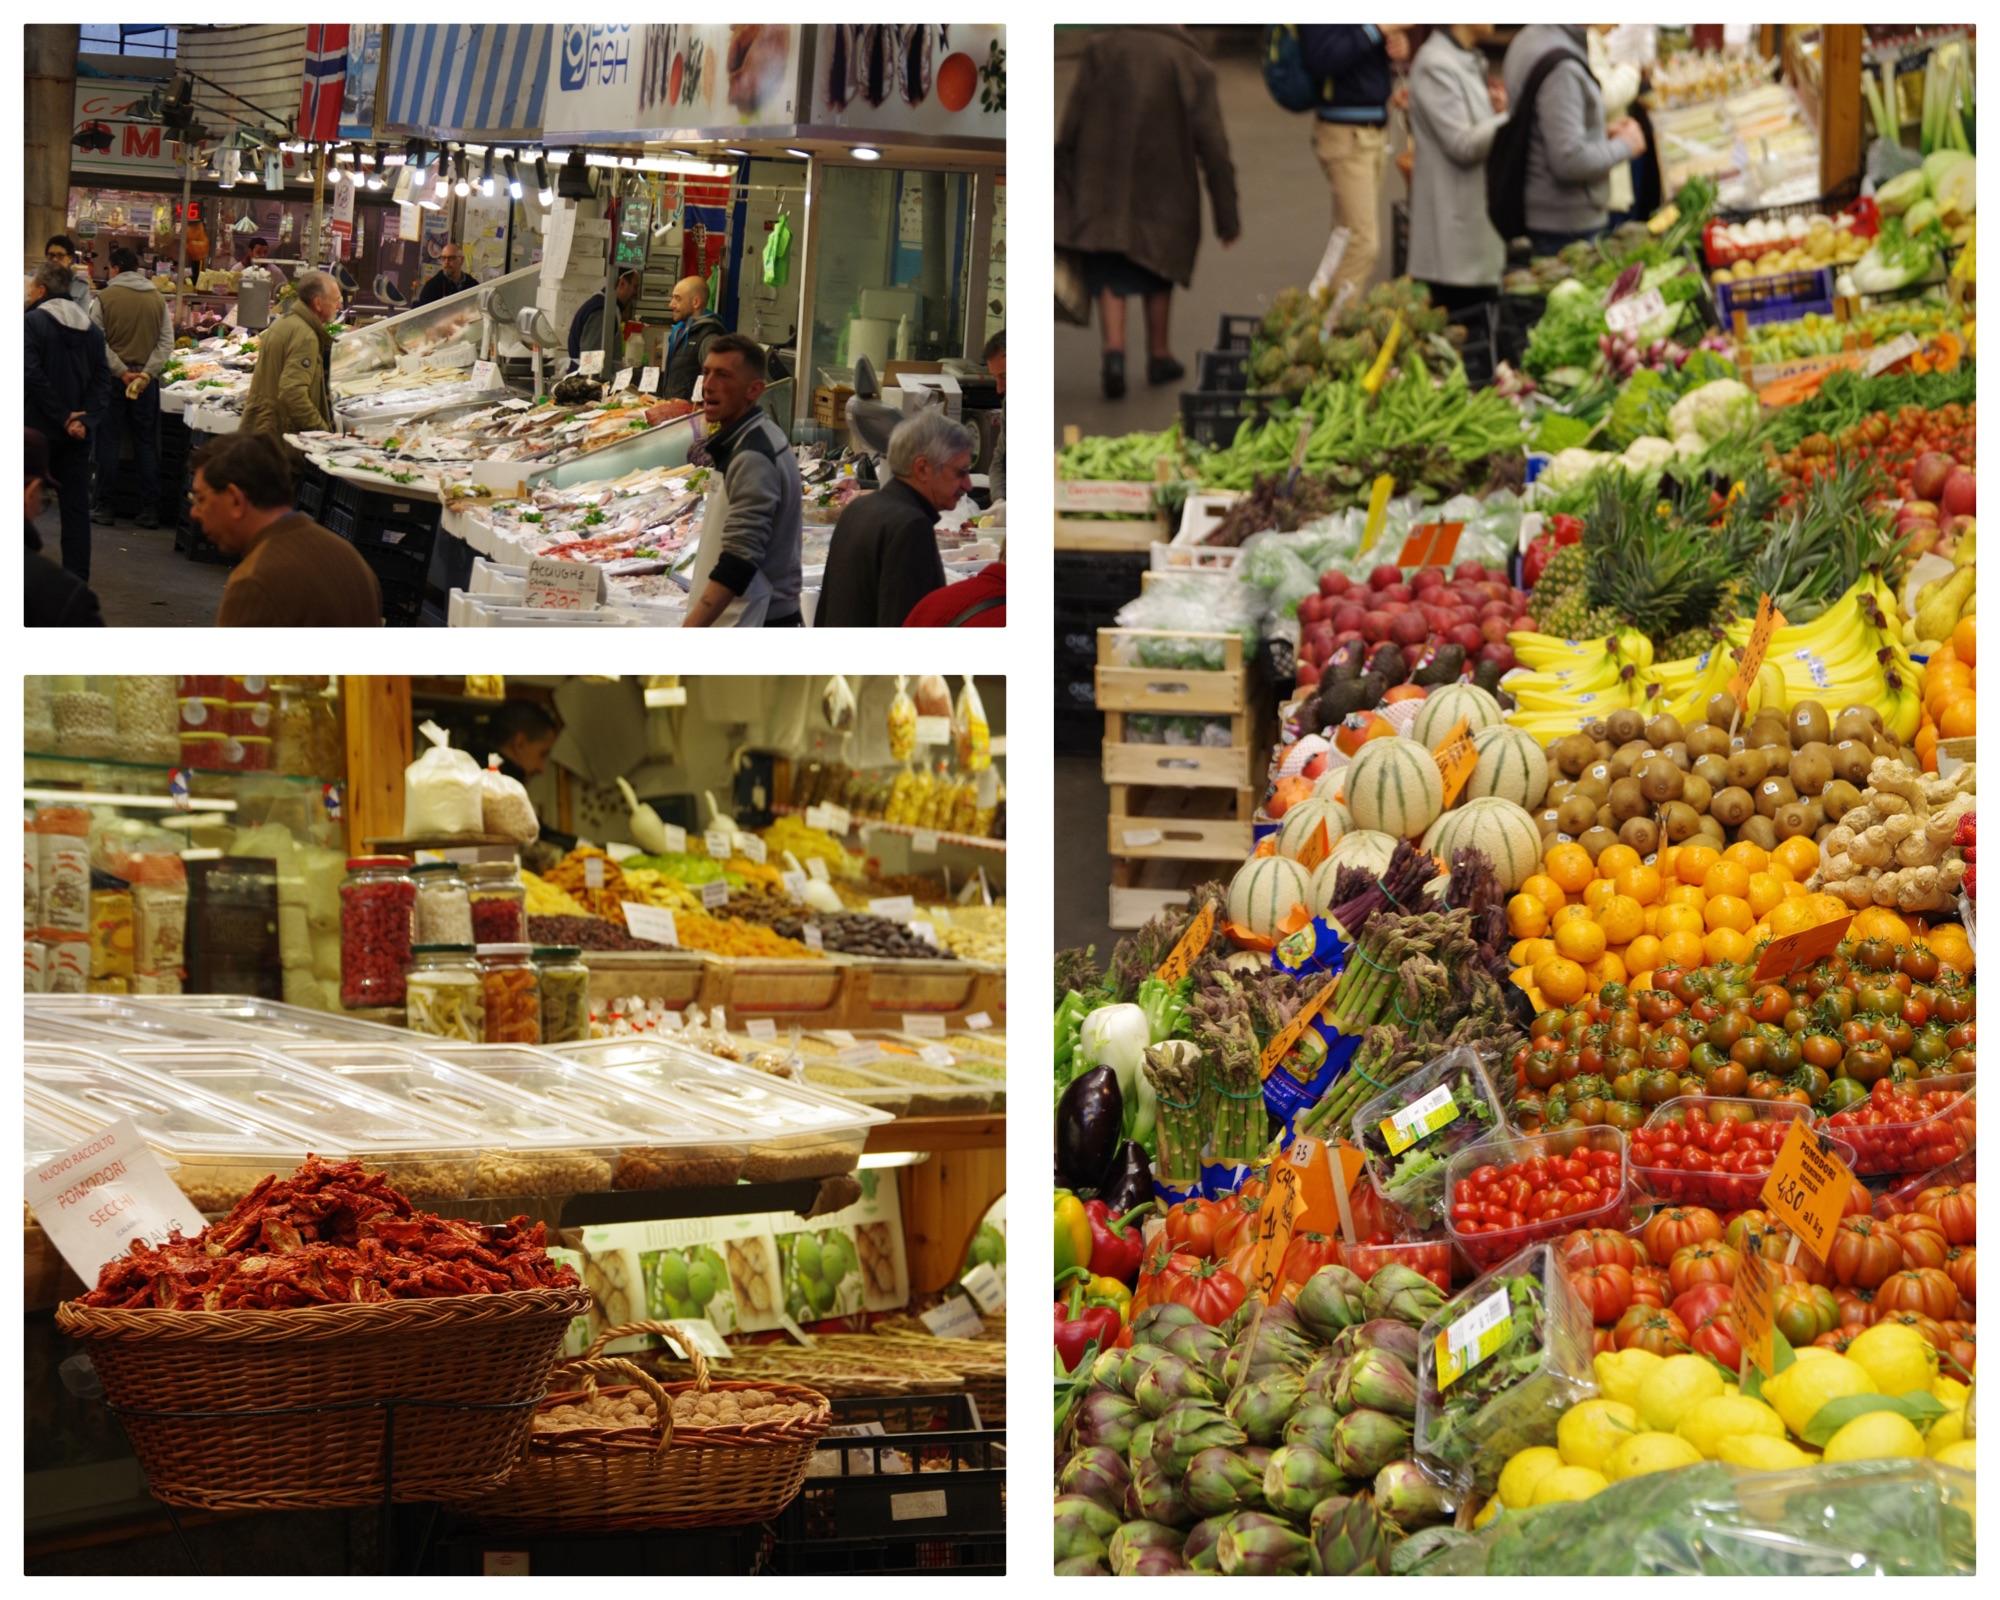 Mercato Orientale di Genova (Genoa East Market)